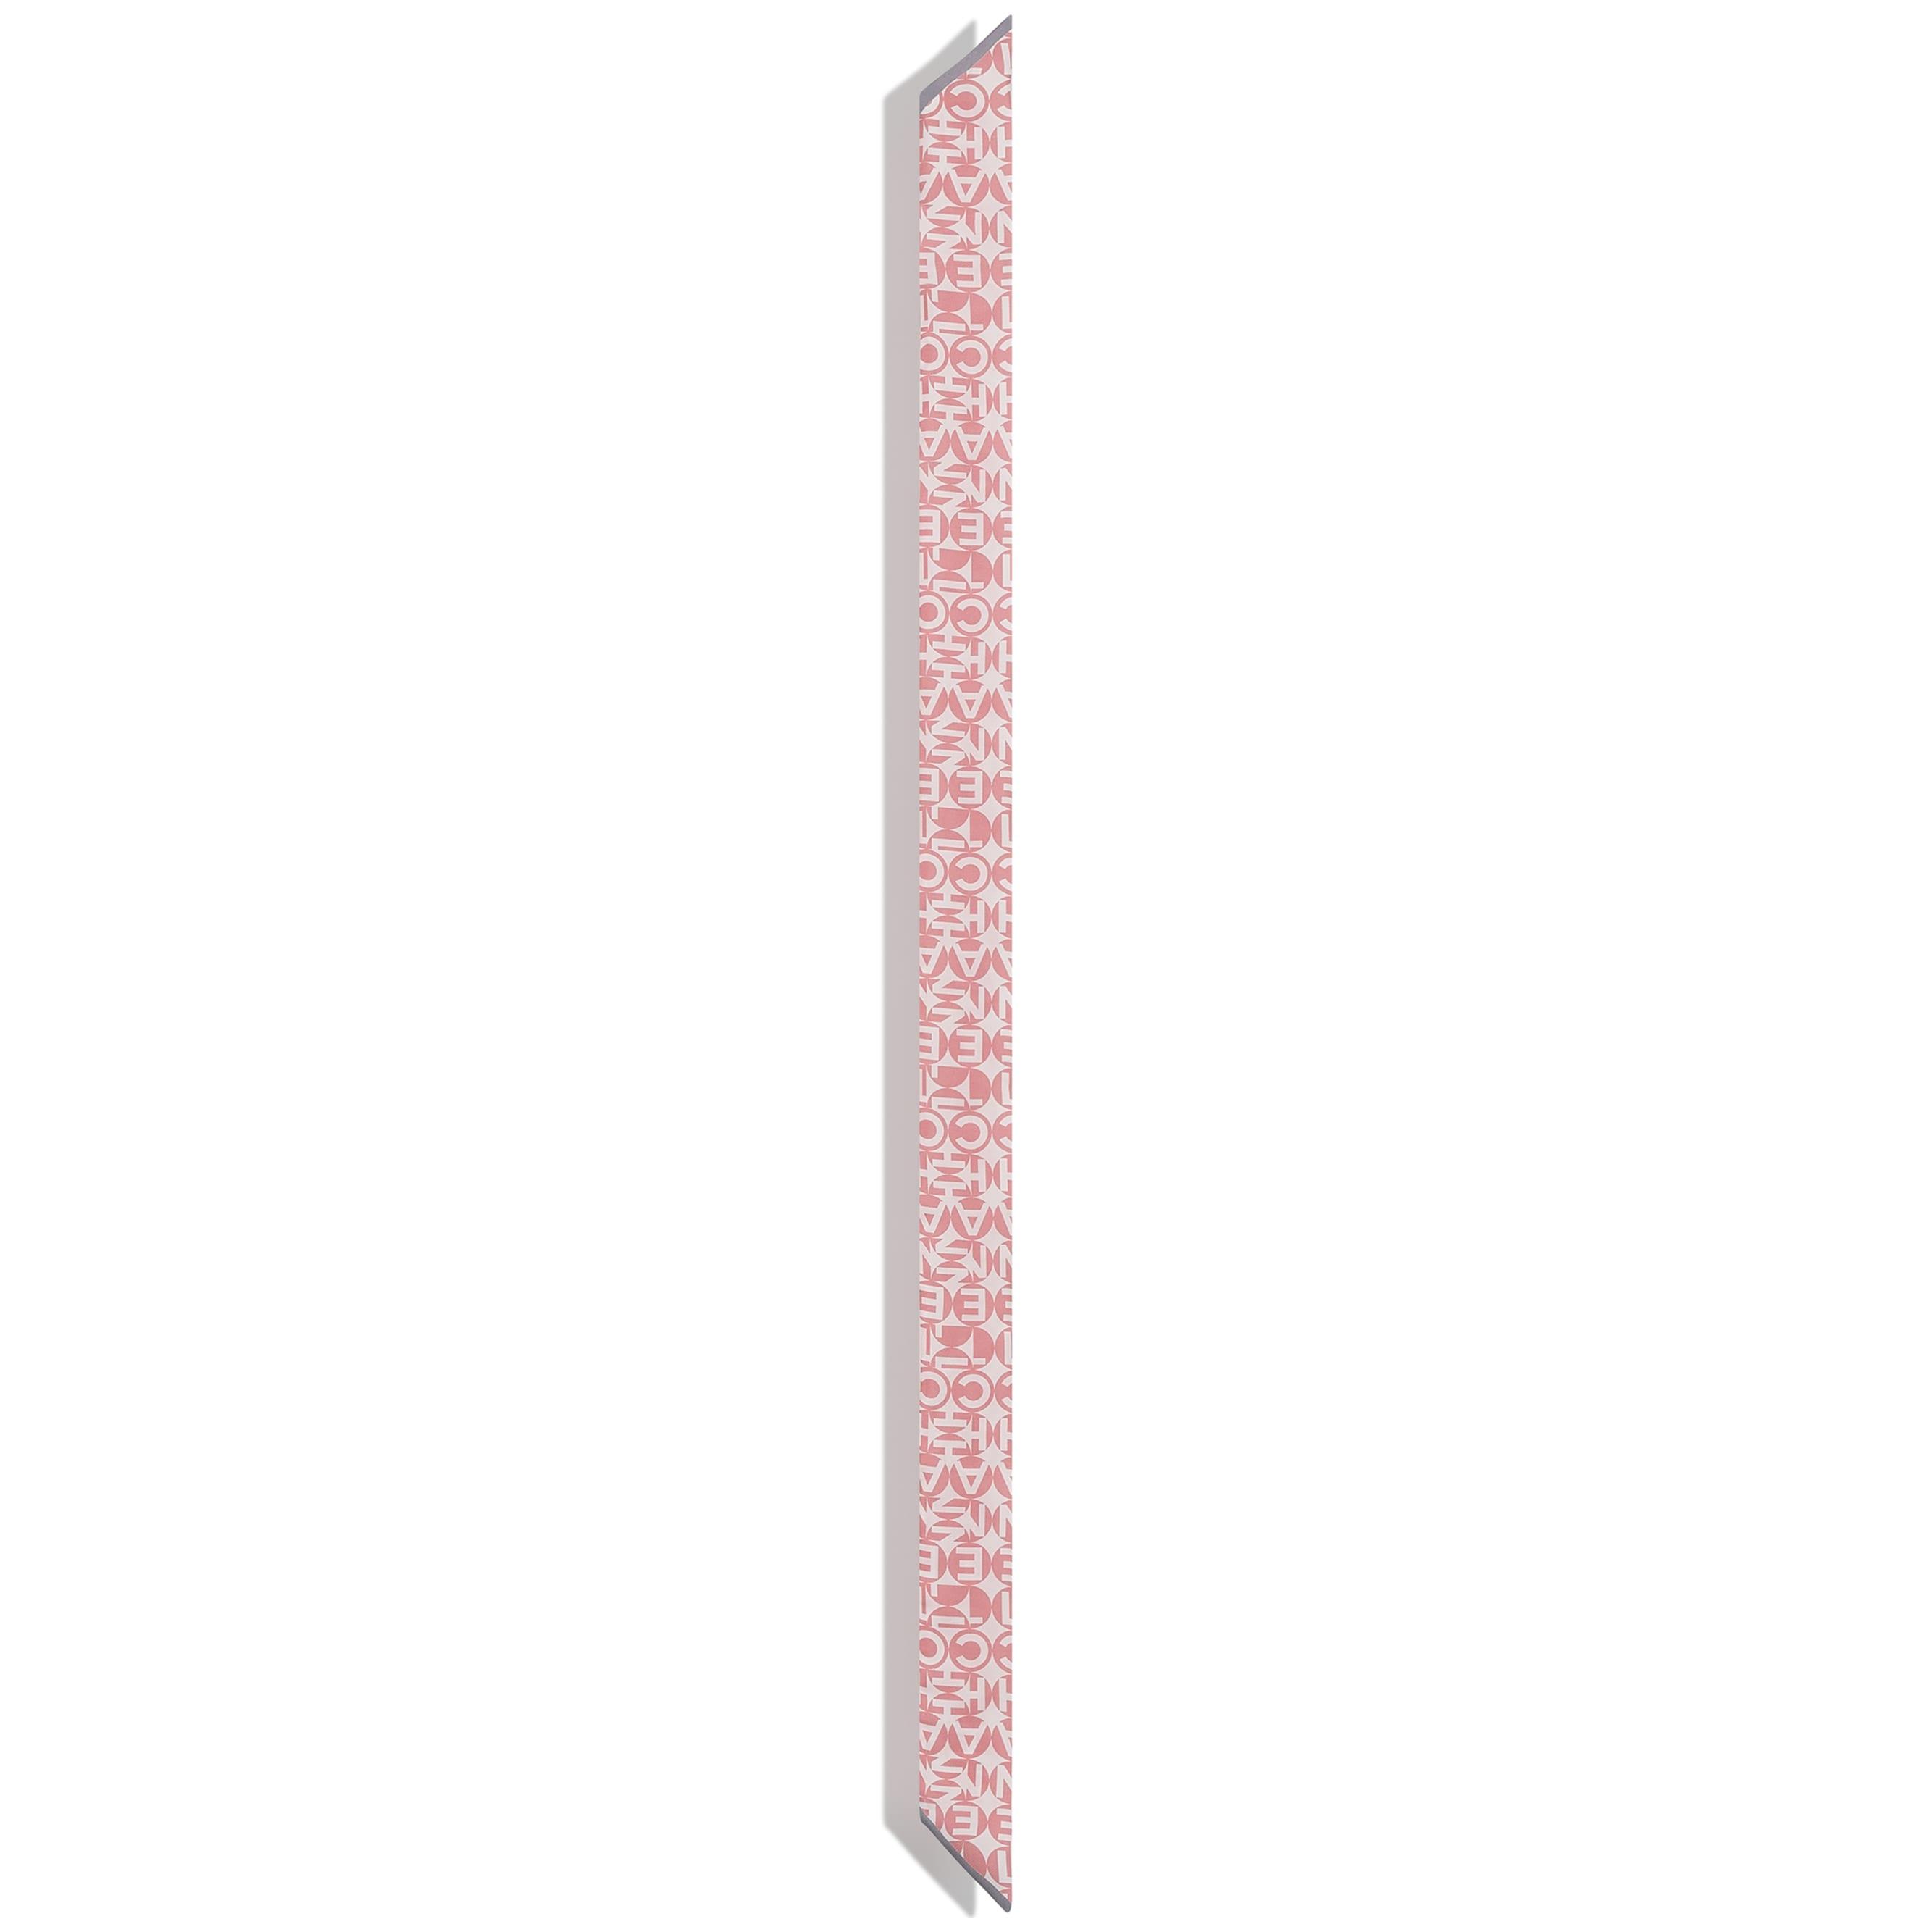 Бандо - Розовый и серый - Шелковый твид - CHANEL - Другое изображение - посмотреть изображение стандартного размера